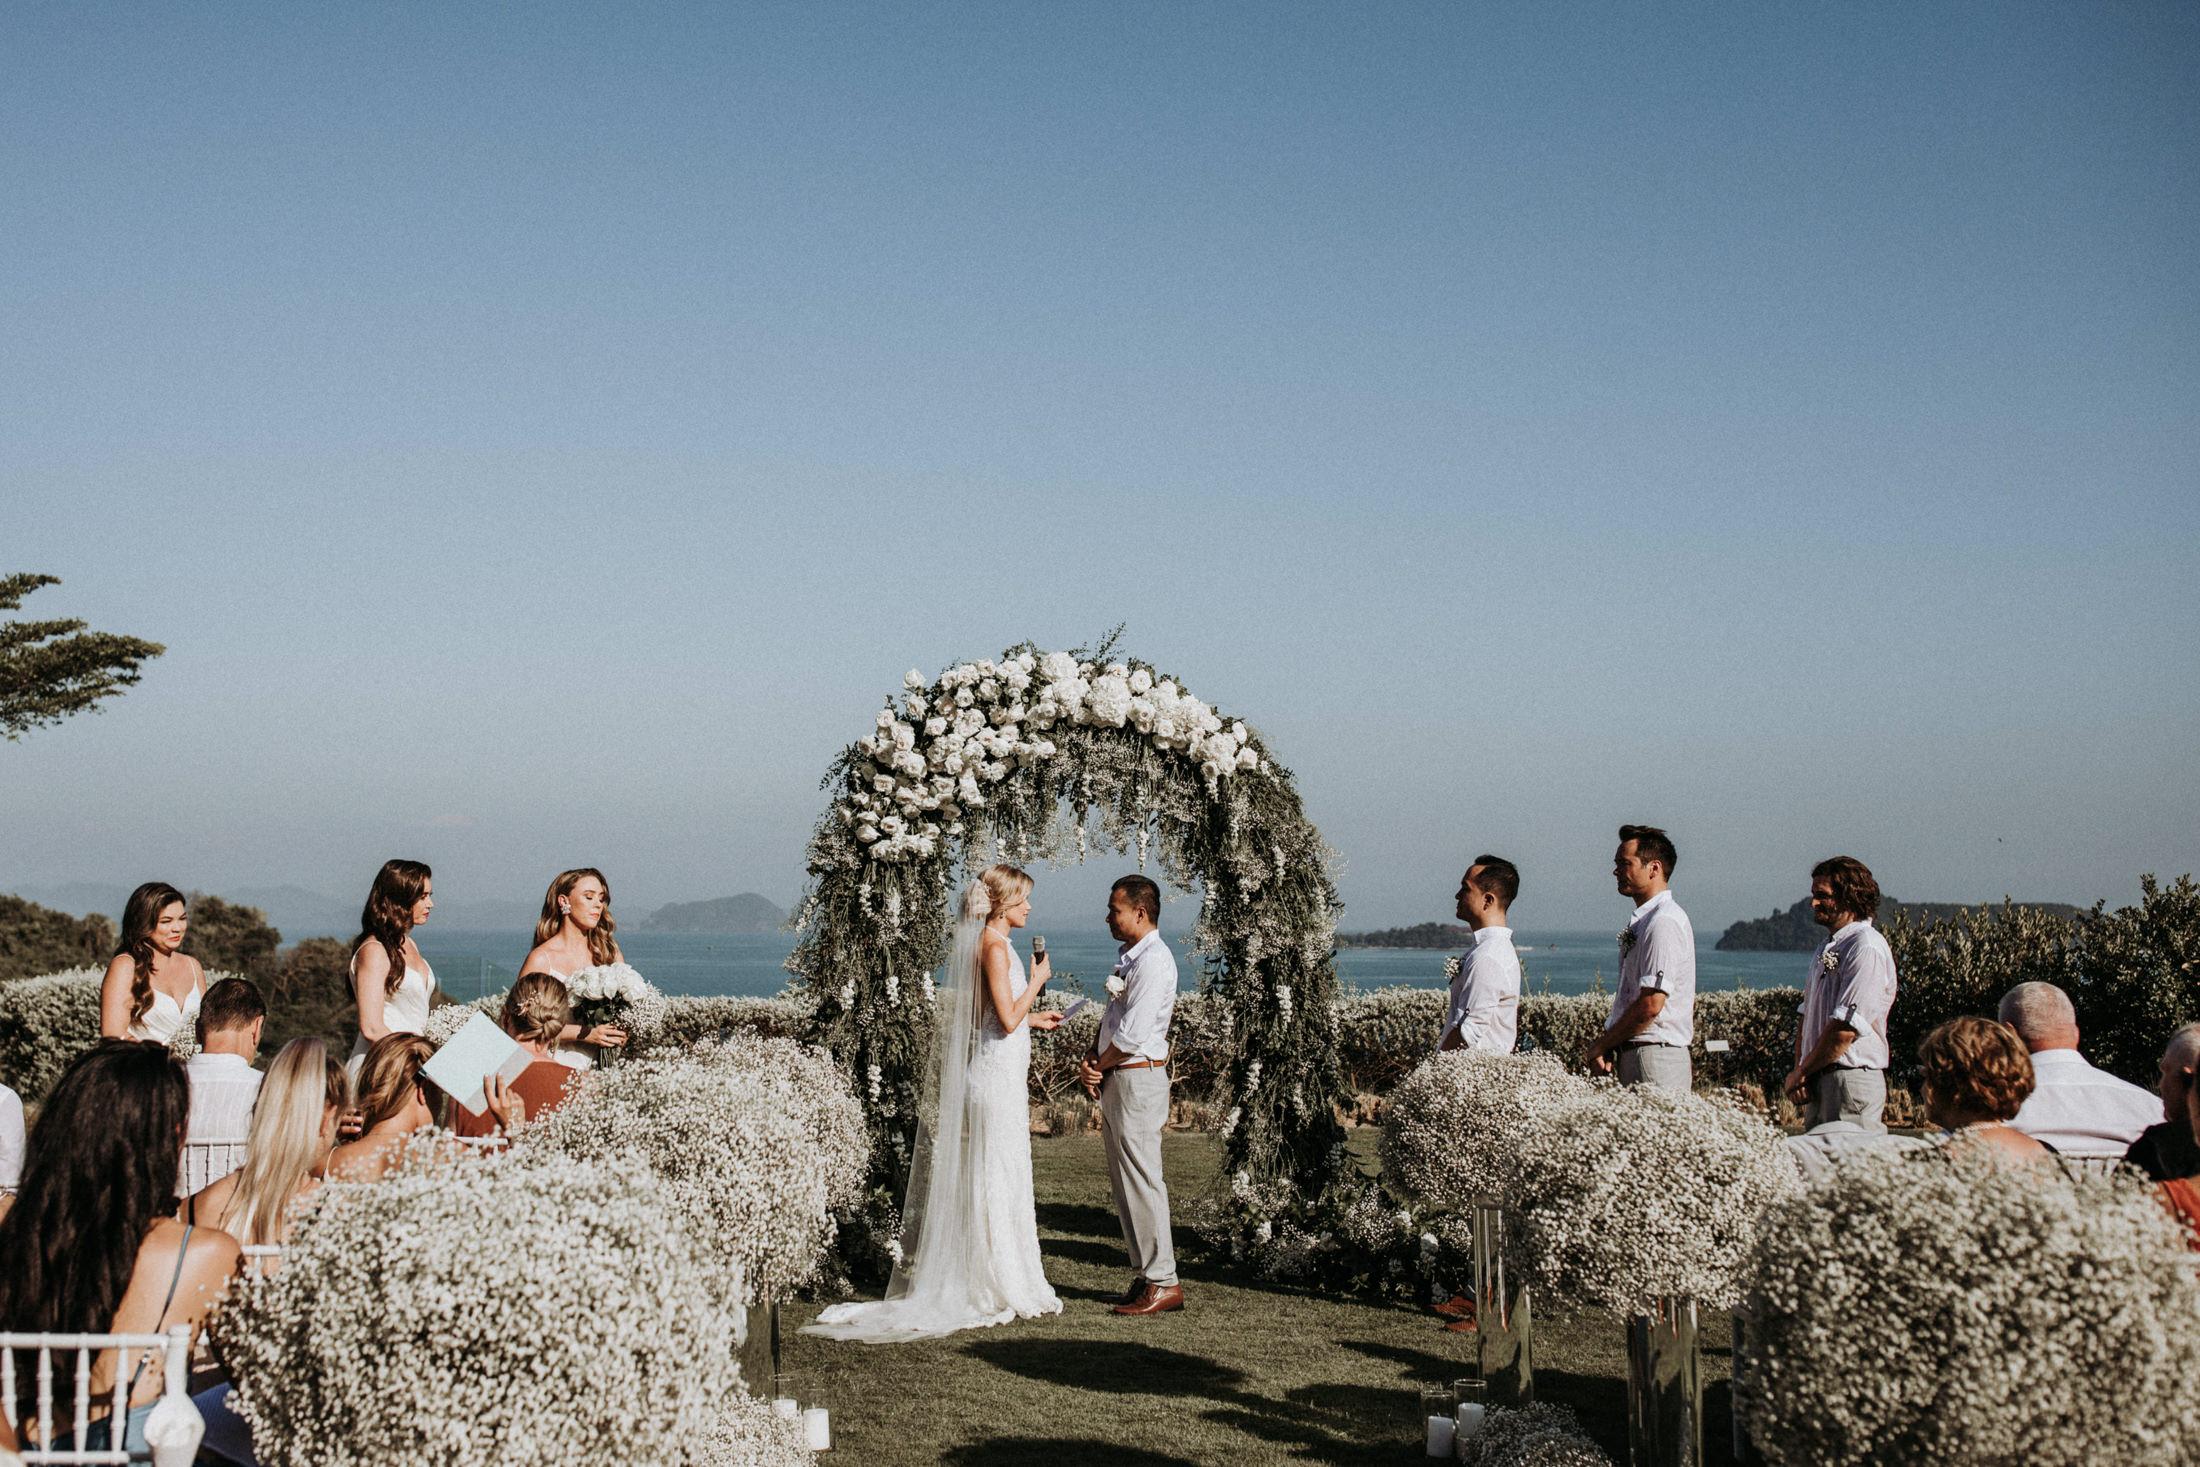 DanielaMarquardt_Wedding_Thailand_245